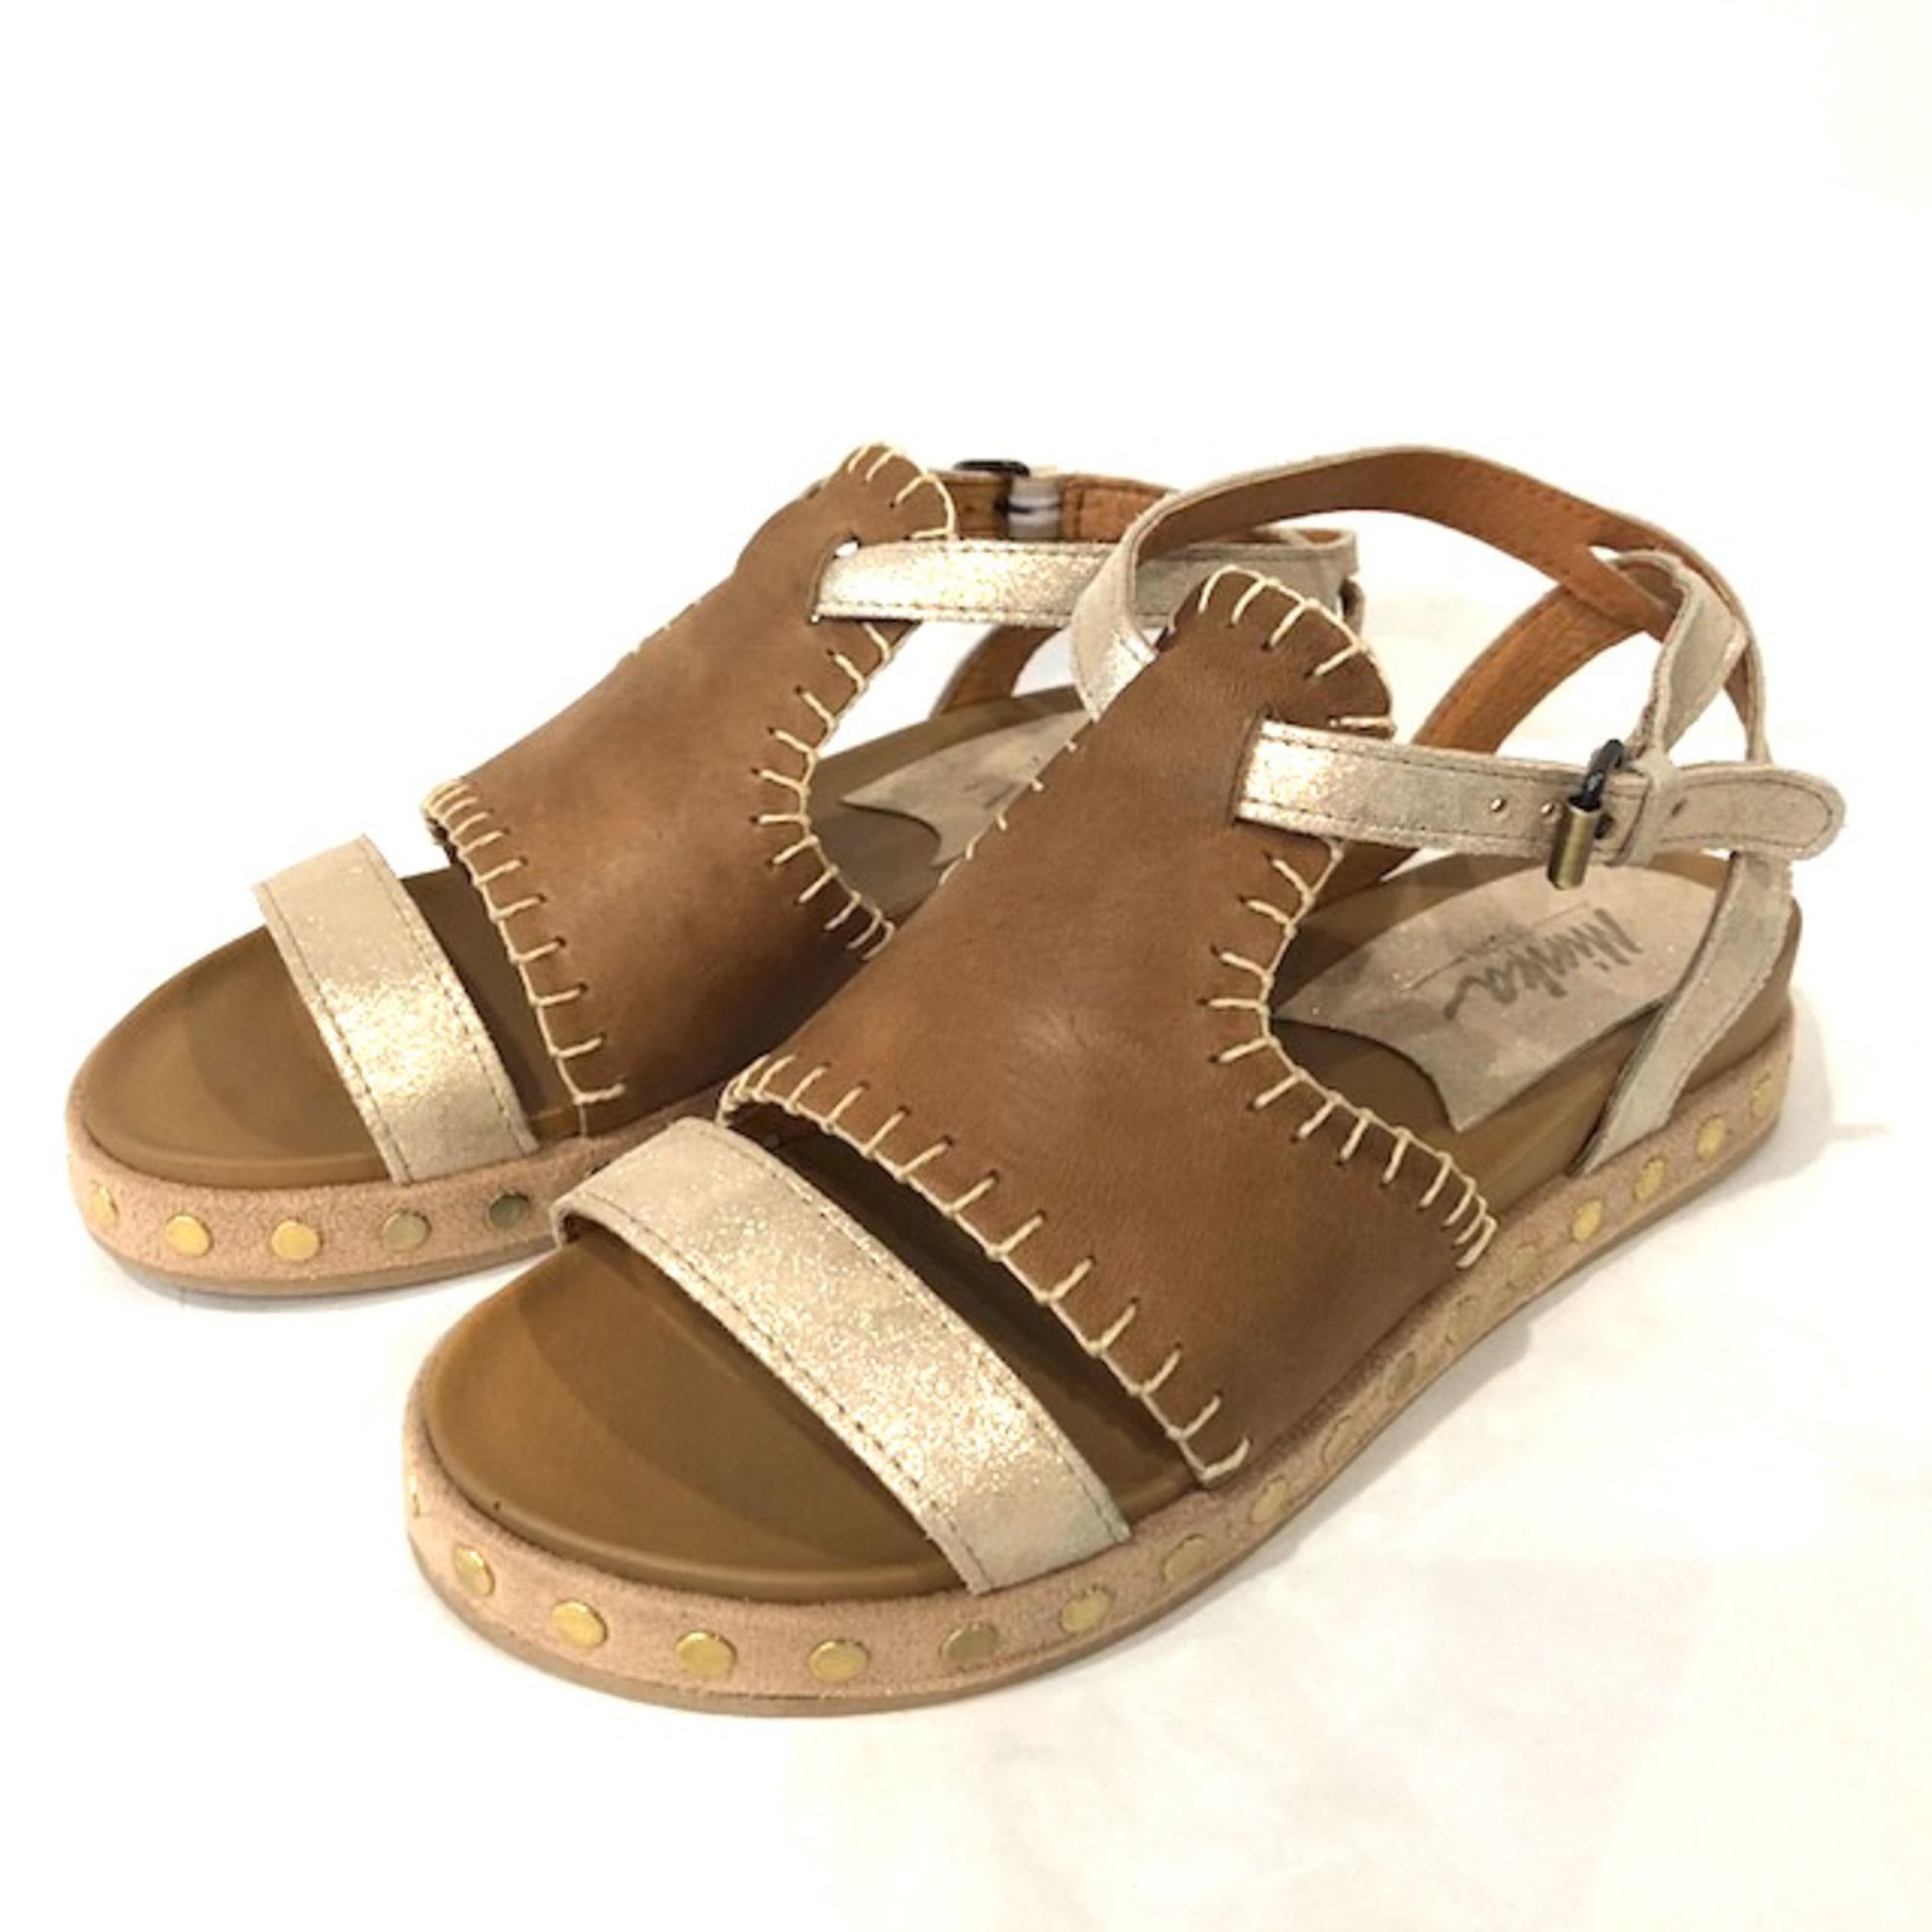 Sandales compensées MINKA DESIGN 41 beige - 7919095 bdfe3bd6c064